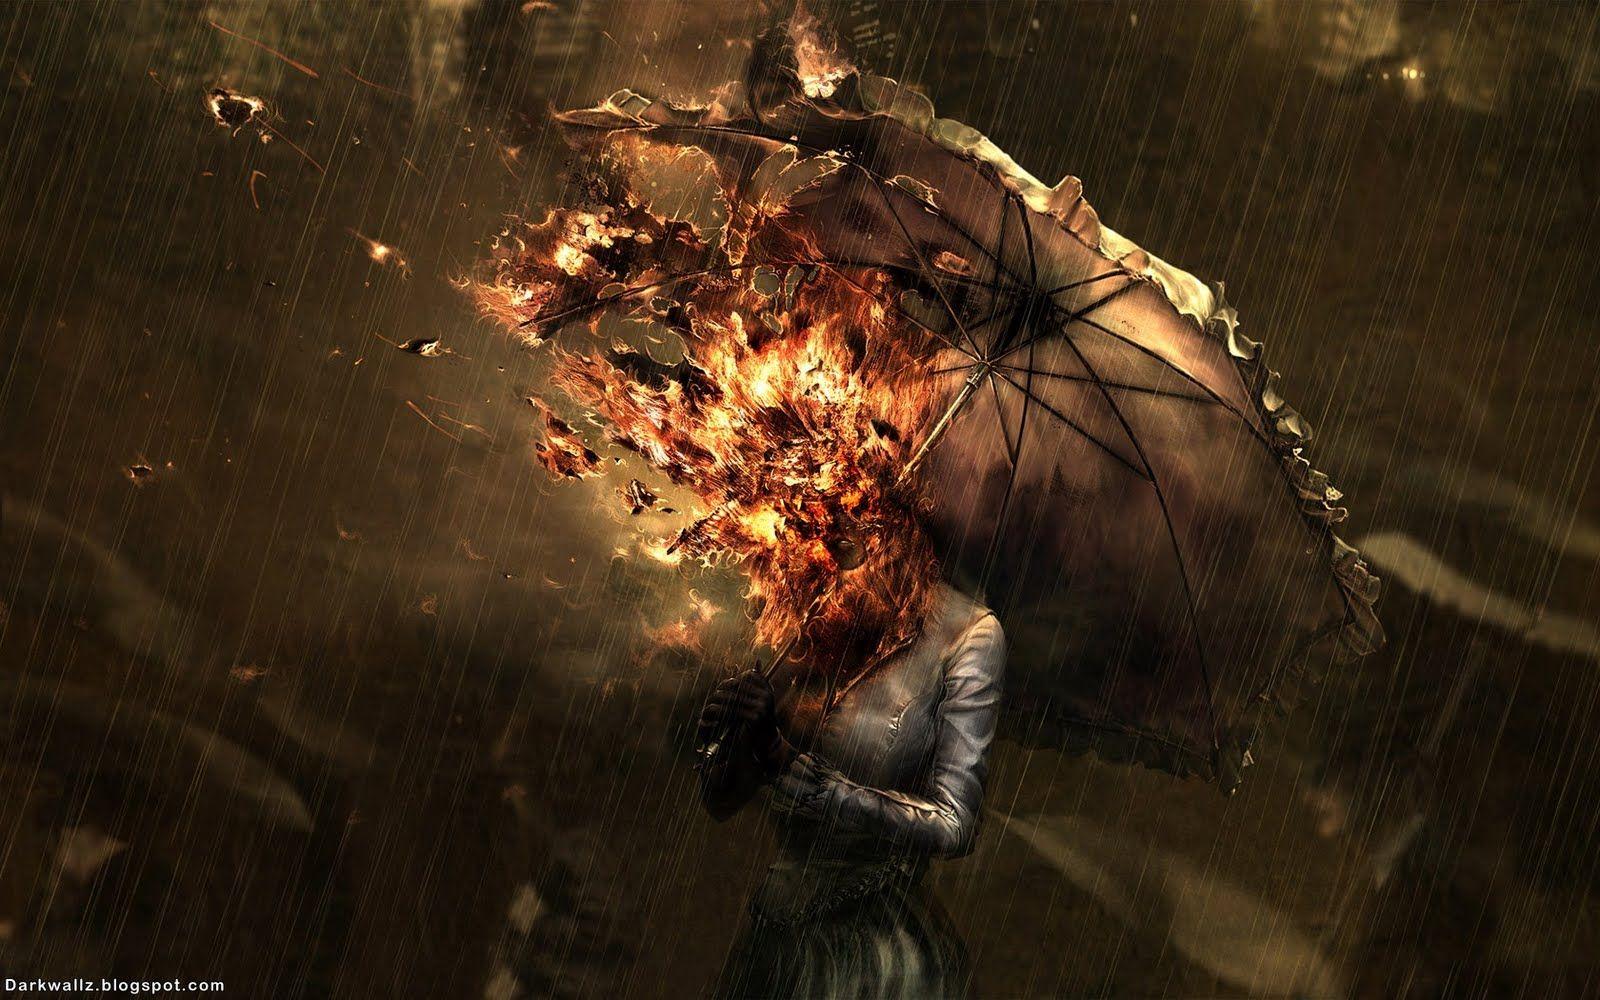 Burning in rain | Unusual / Dark / Steampunk / Goth ...